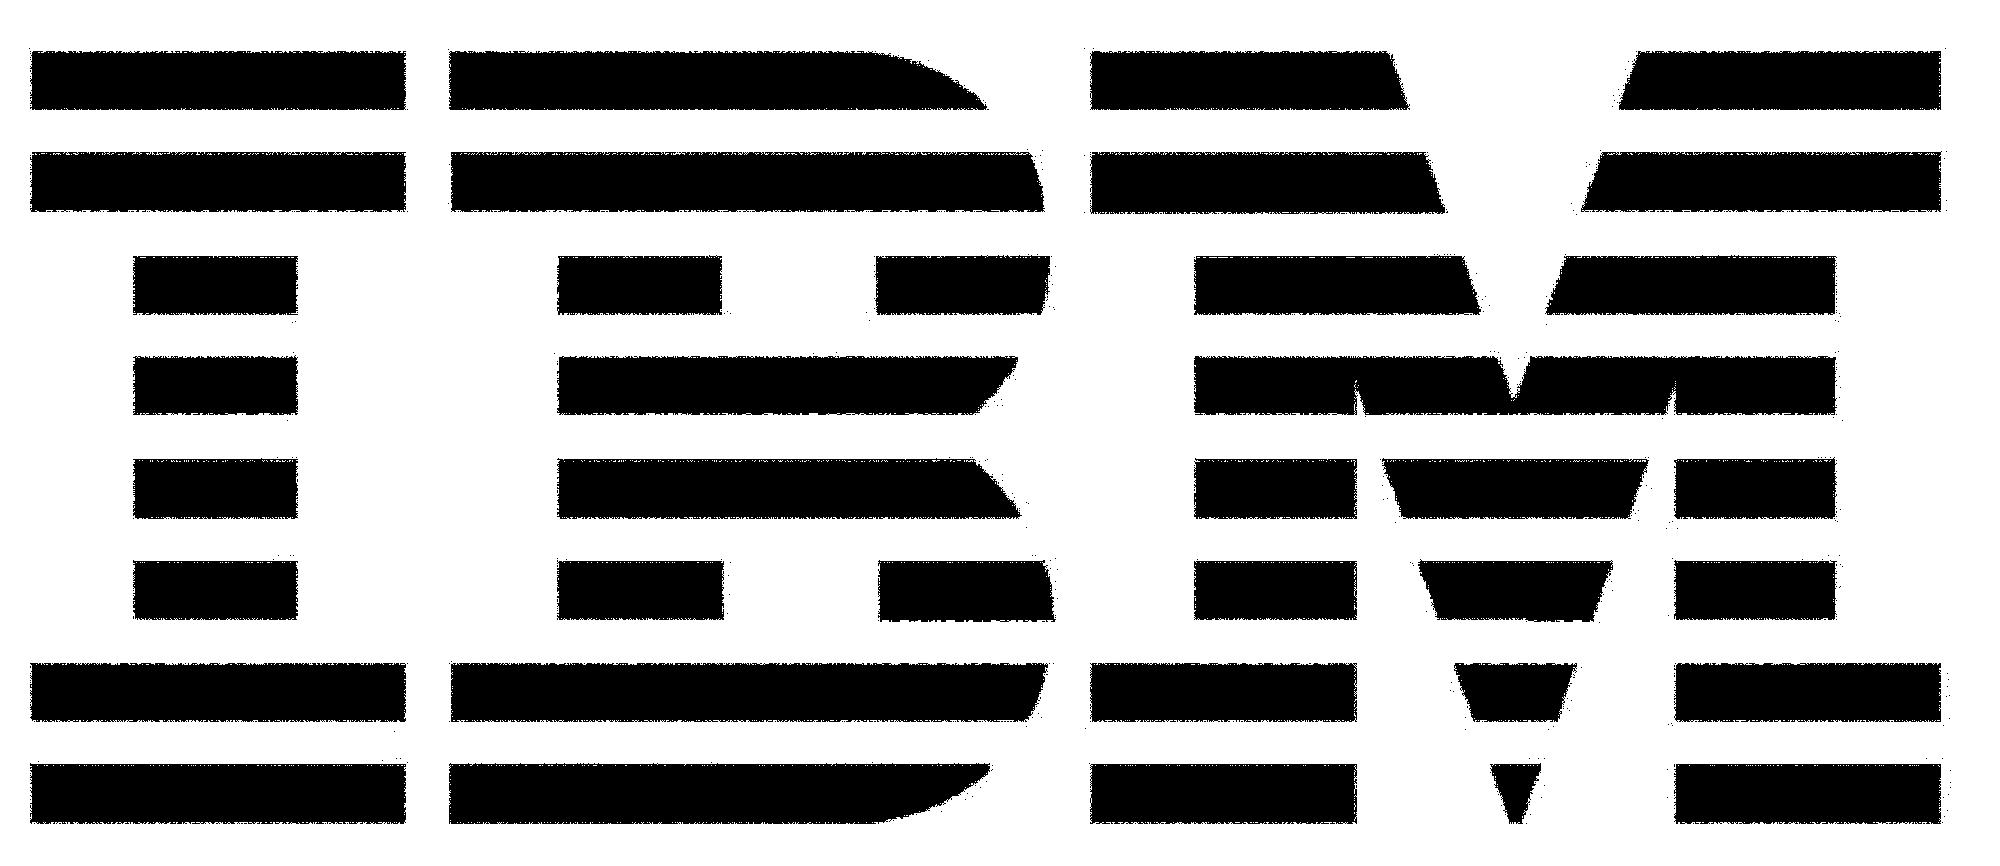 2017 IBM Emblem - Ibm HD PNG - Logo Ibm PNG